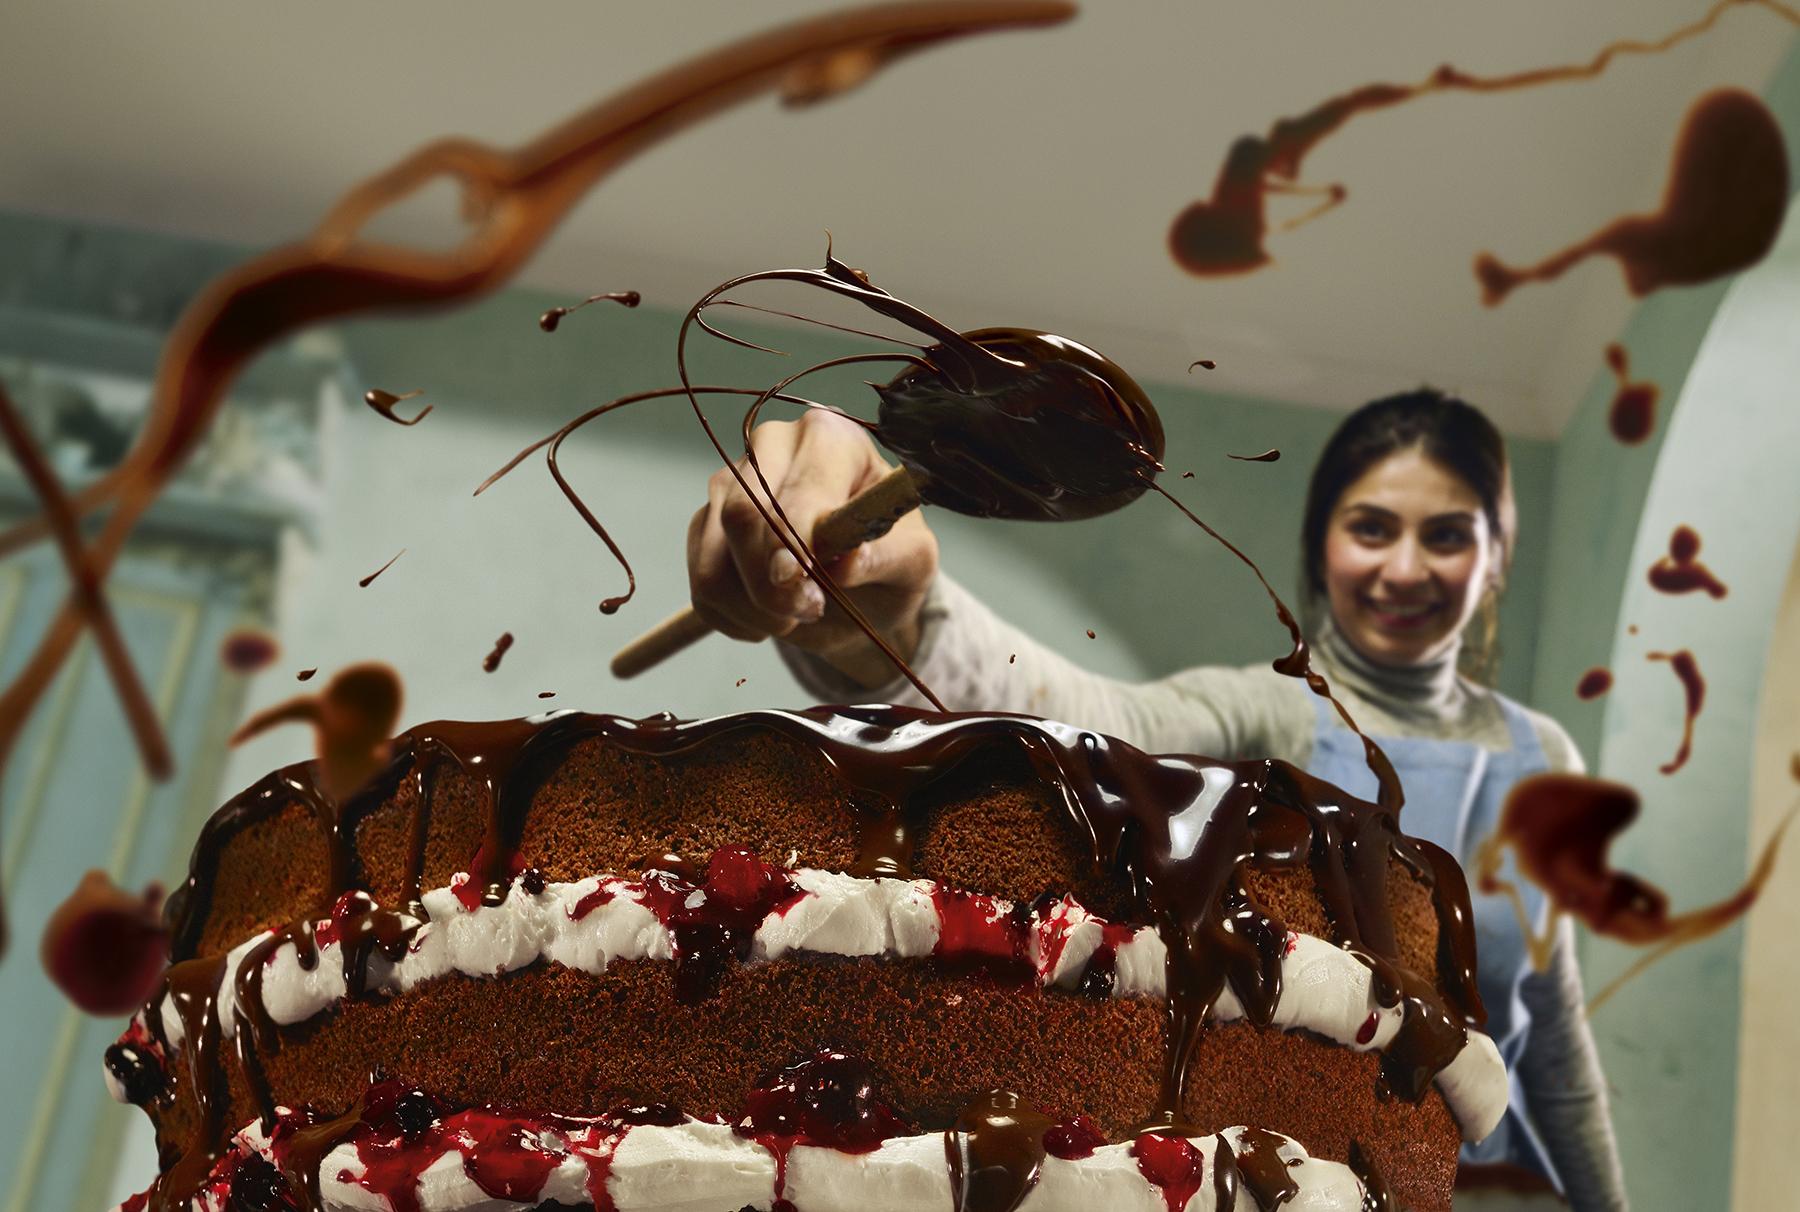 6009_Lurpak_Cake_R18_Crop